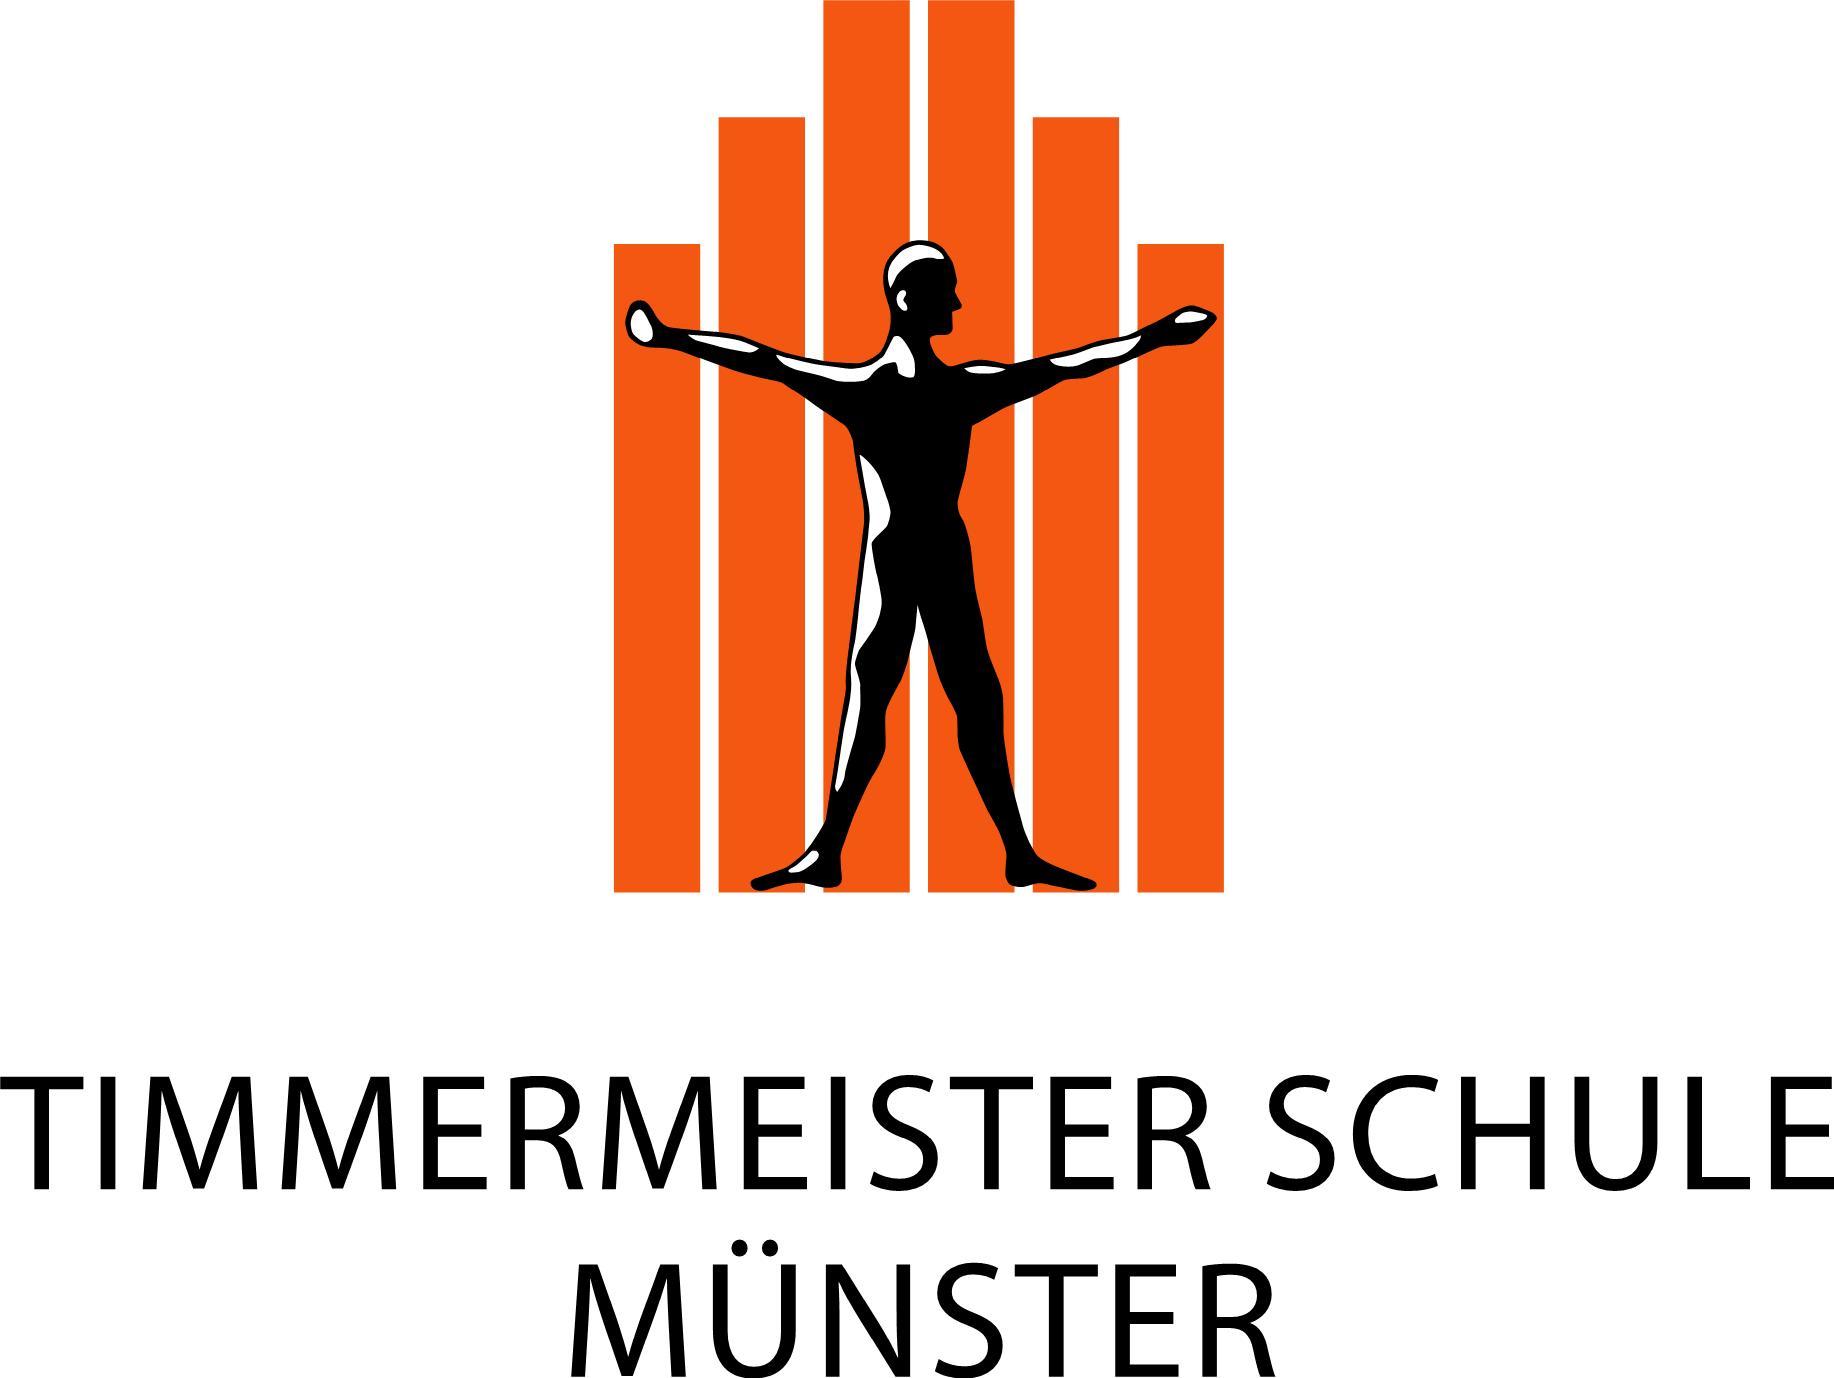 Timmermeister Schule Münster